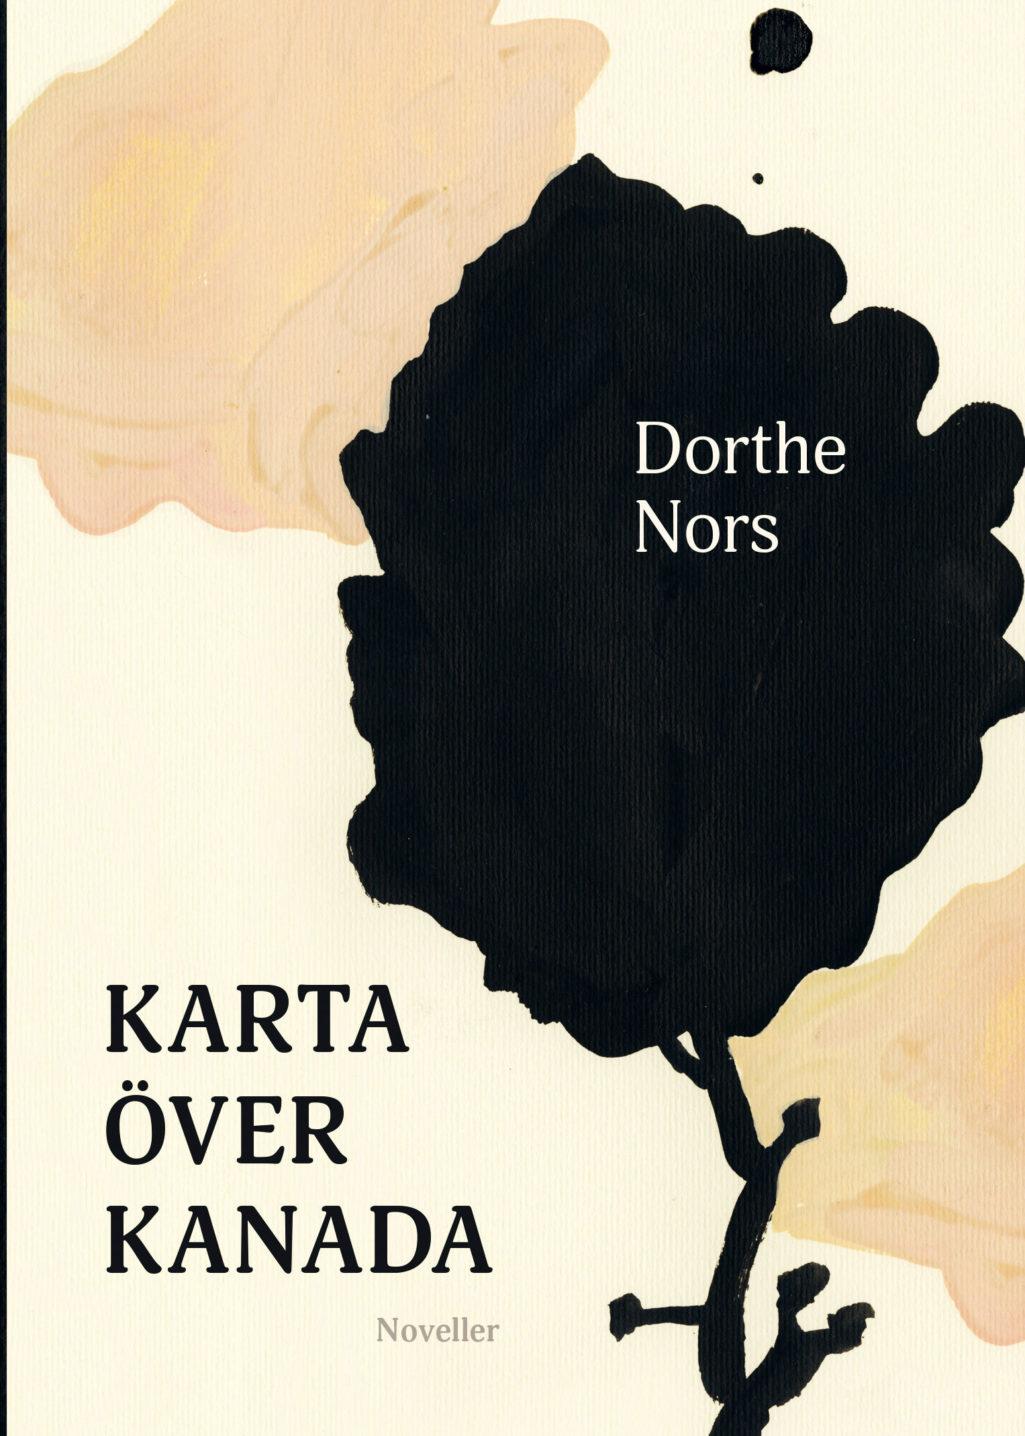 dorthe-nors-karta-over-kanada-boktips-2